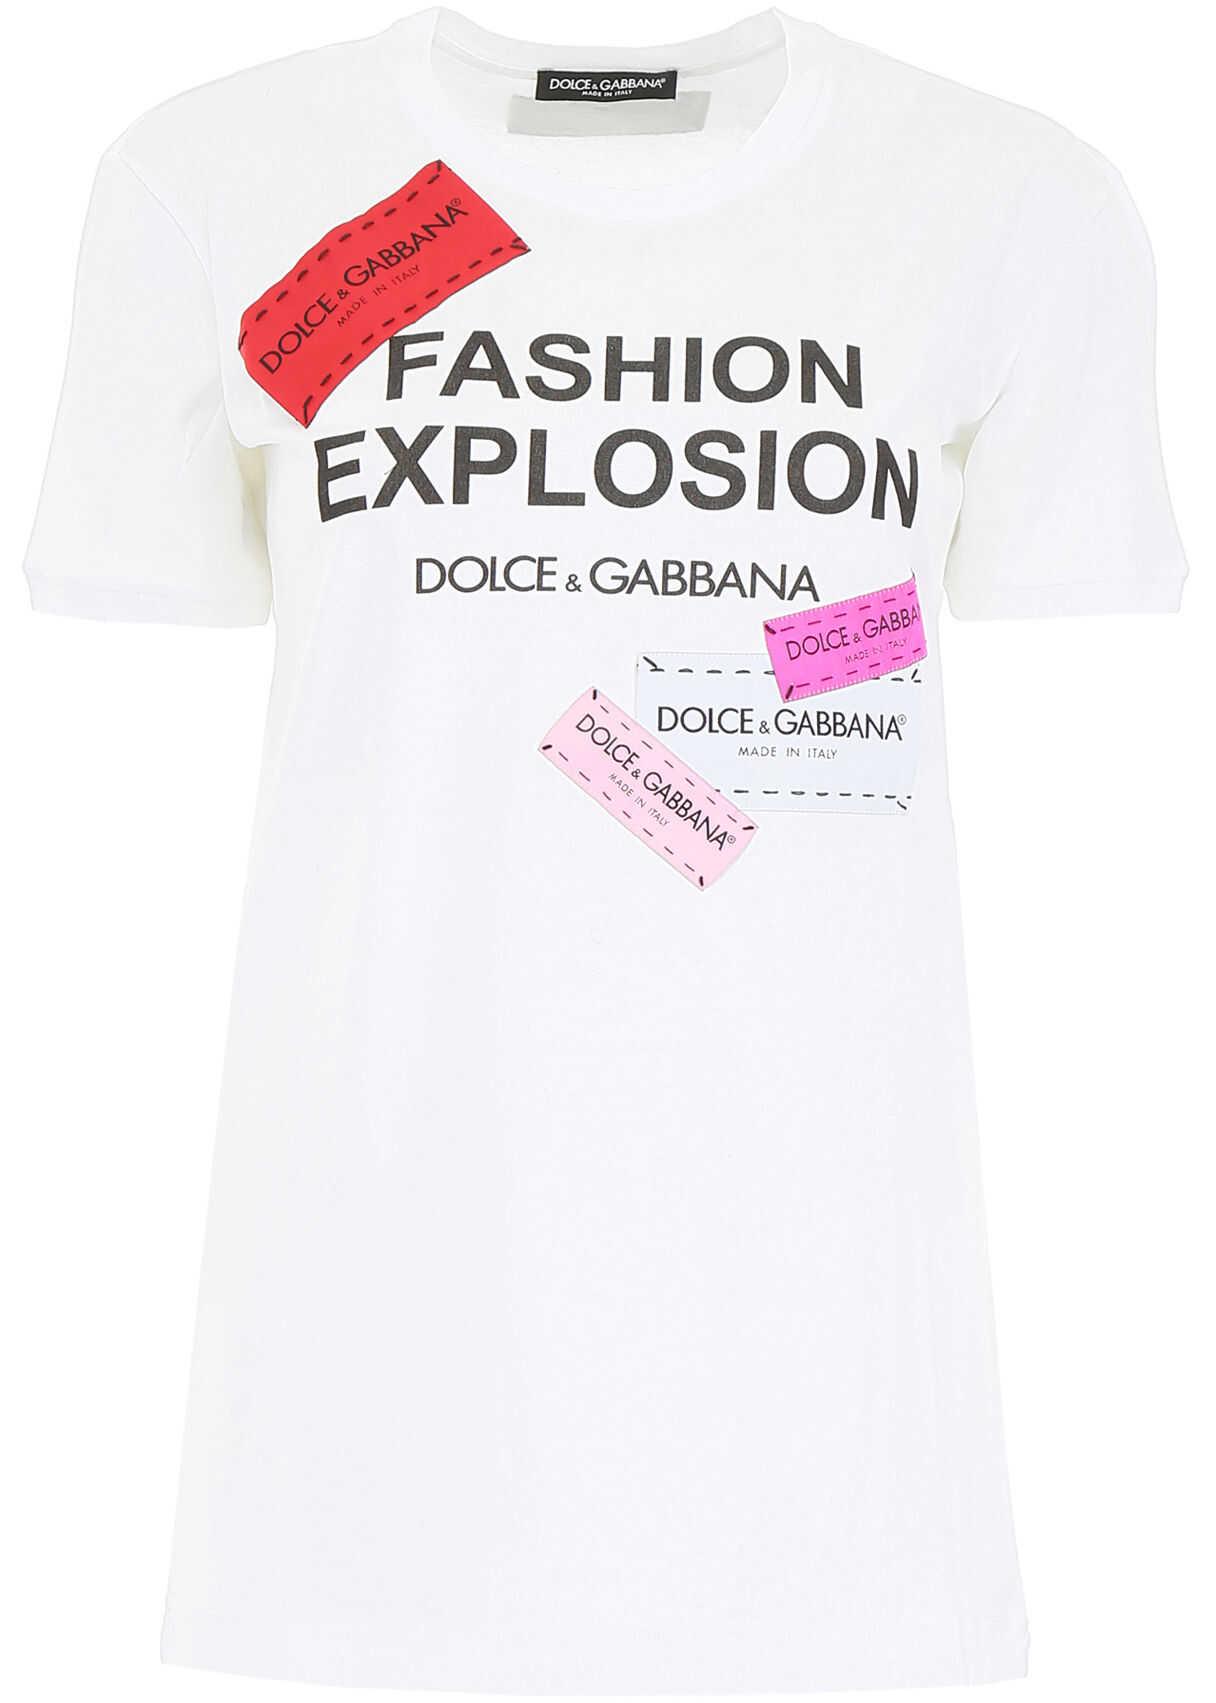 Fashion Explosion T-Shirt